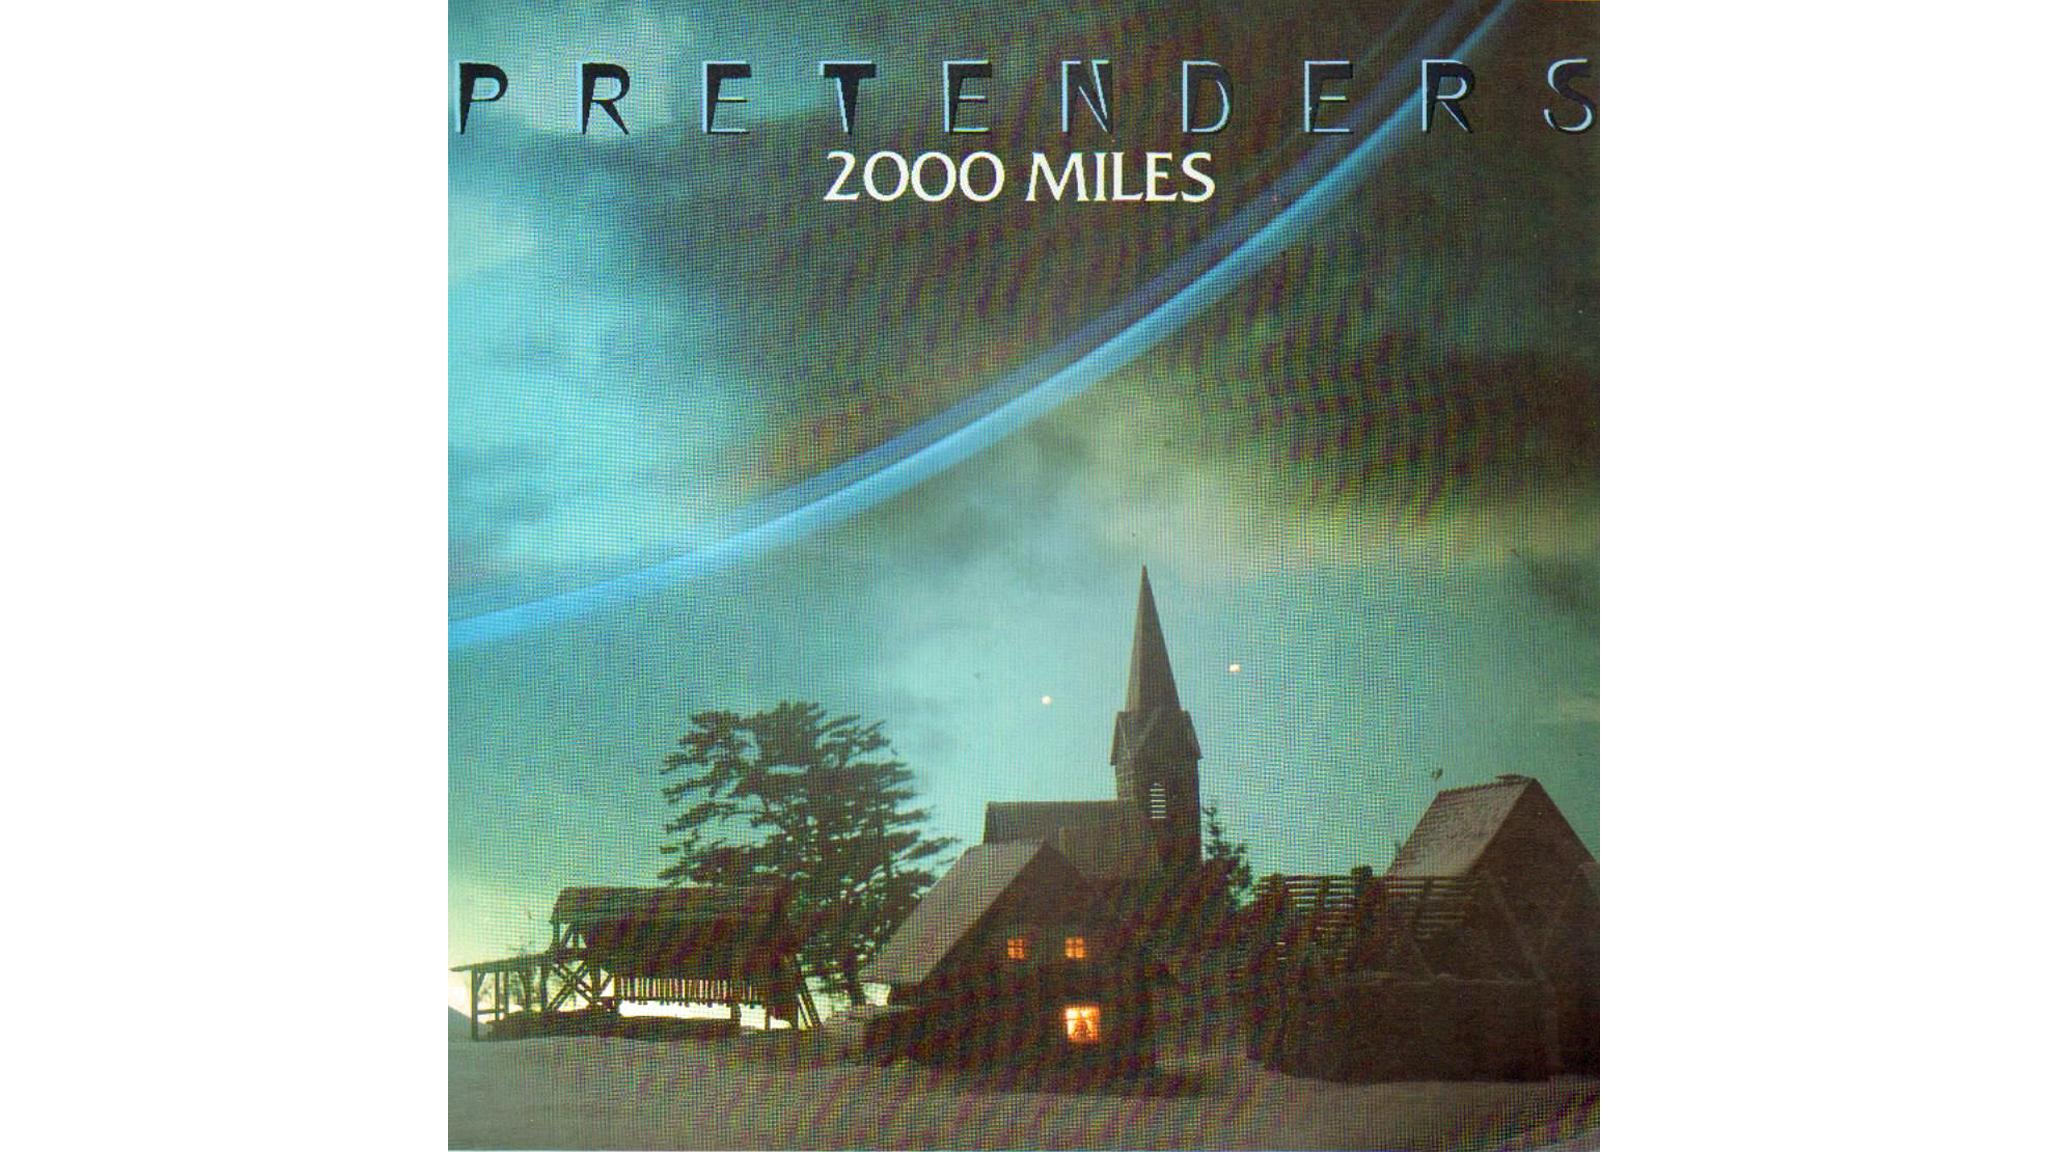 '2000 Miles' –Pretenders